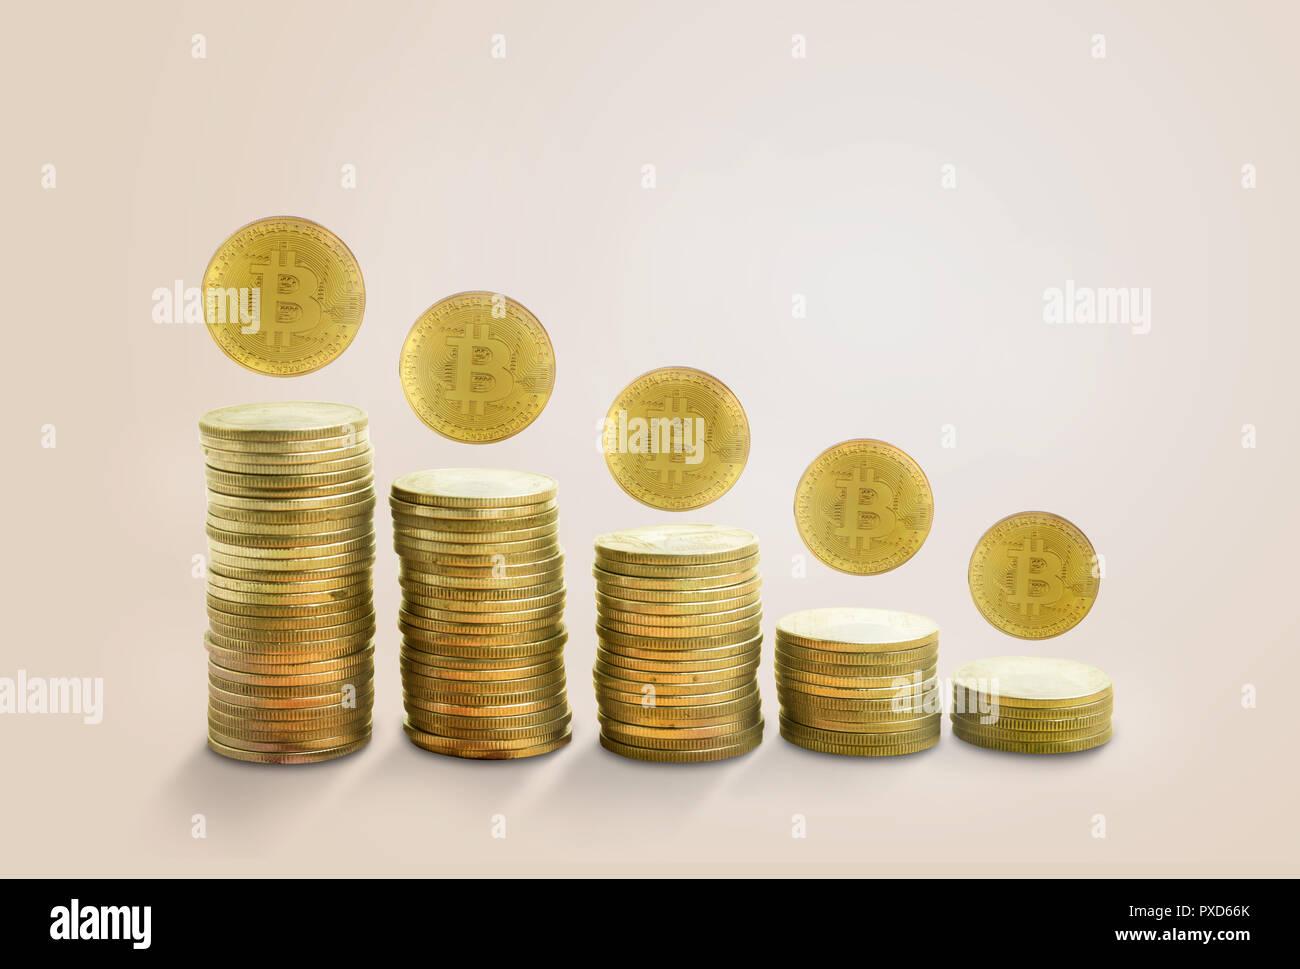 Concetto grafico di caduta con golden bitcoin.in rosa pastello sfondo minima Immagini Stock